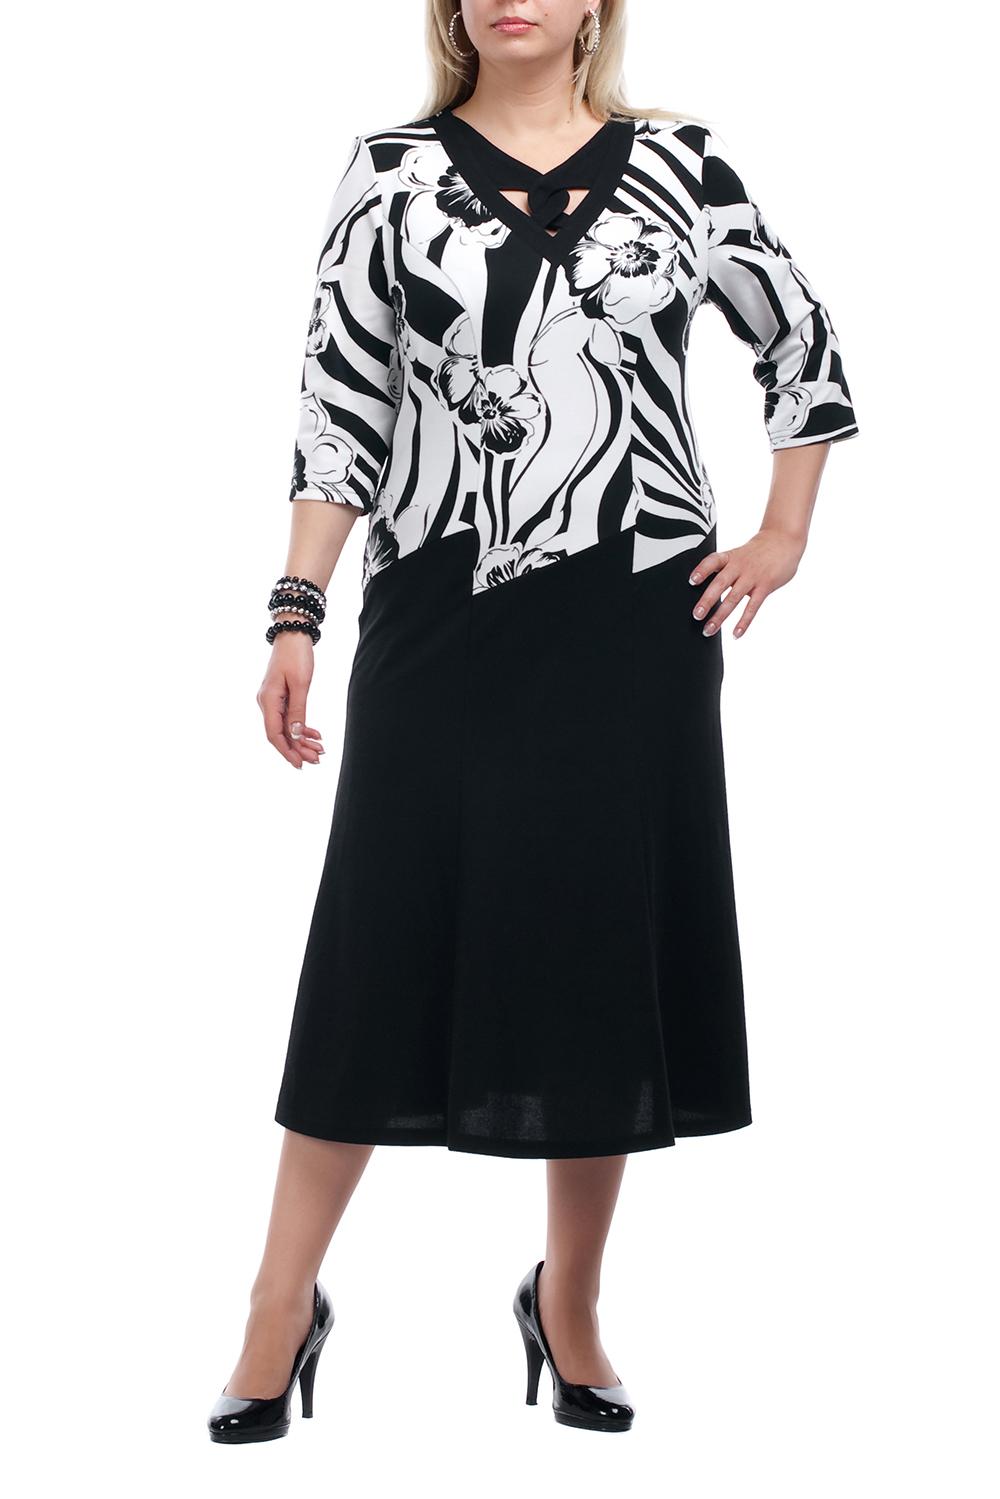 ПлатьеПлатья<br>Повседневное платье с фигурной горловиной и рукавами 3/4. Модель выполнена из плотного трикотажа. Отличный выбор для повседневного гардероба.  Цвет: черный, белый  Рост девушки-фотомодели 173 см.<br><br>По длине: Ниже колена<br>По материалу: Вискоза,Трикотаж<br>По рисунку: Растительные мотивы,Цветные<br>По силуэту: Полуприталенные<br>По стилю: Повседневный стиль<br>По форме: Платье - футляр<br>Рукав: Рукав три четверти<br>По сезону: Осень,Весна,Зима<br>Горловина: Фигурная горловина<br>Размер : 52,54<br>Материал: Трикотаж<br>Количество в наличии: 6